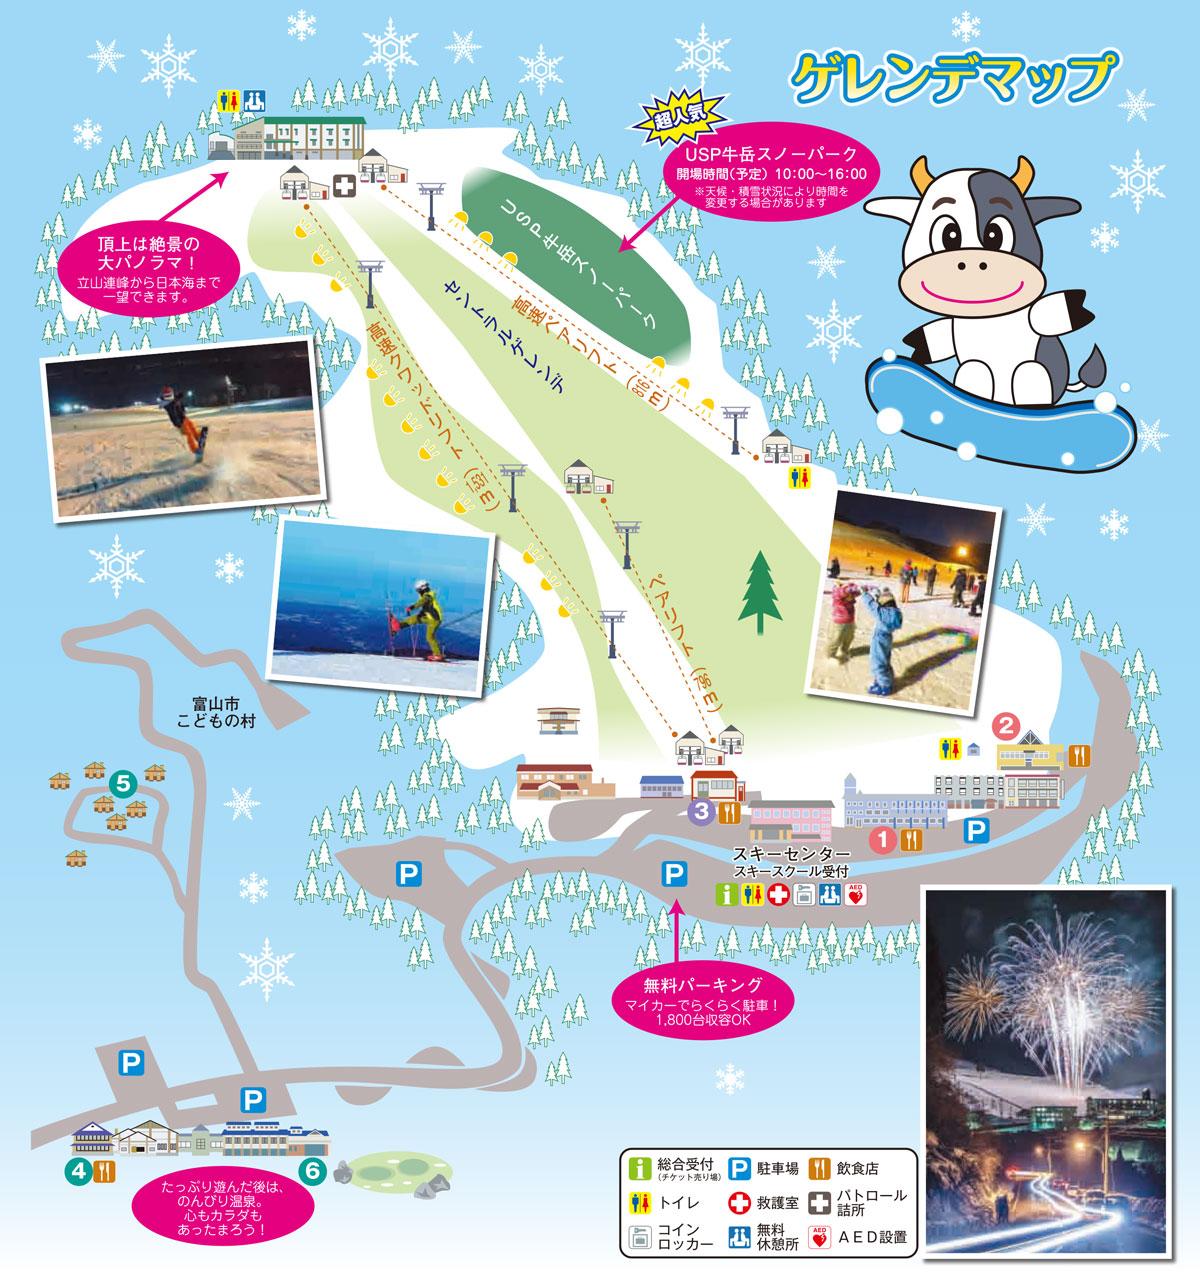 牛岳温泉スキー場のゲレンデマップ2020-2021年